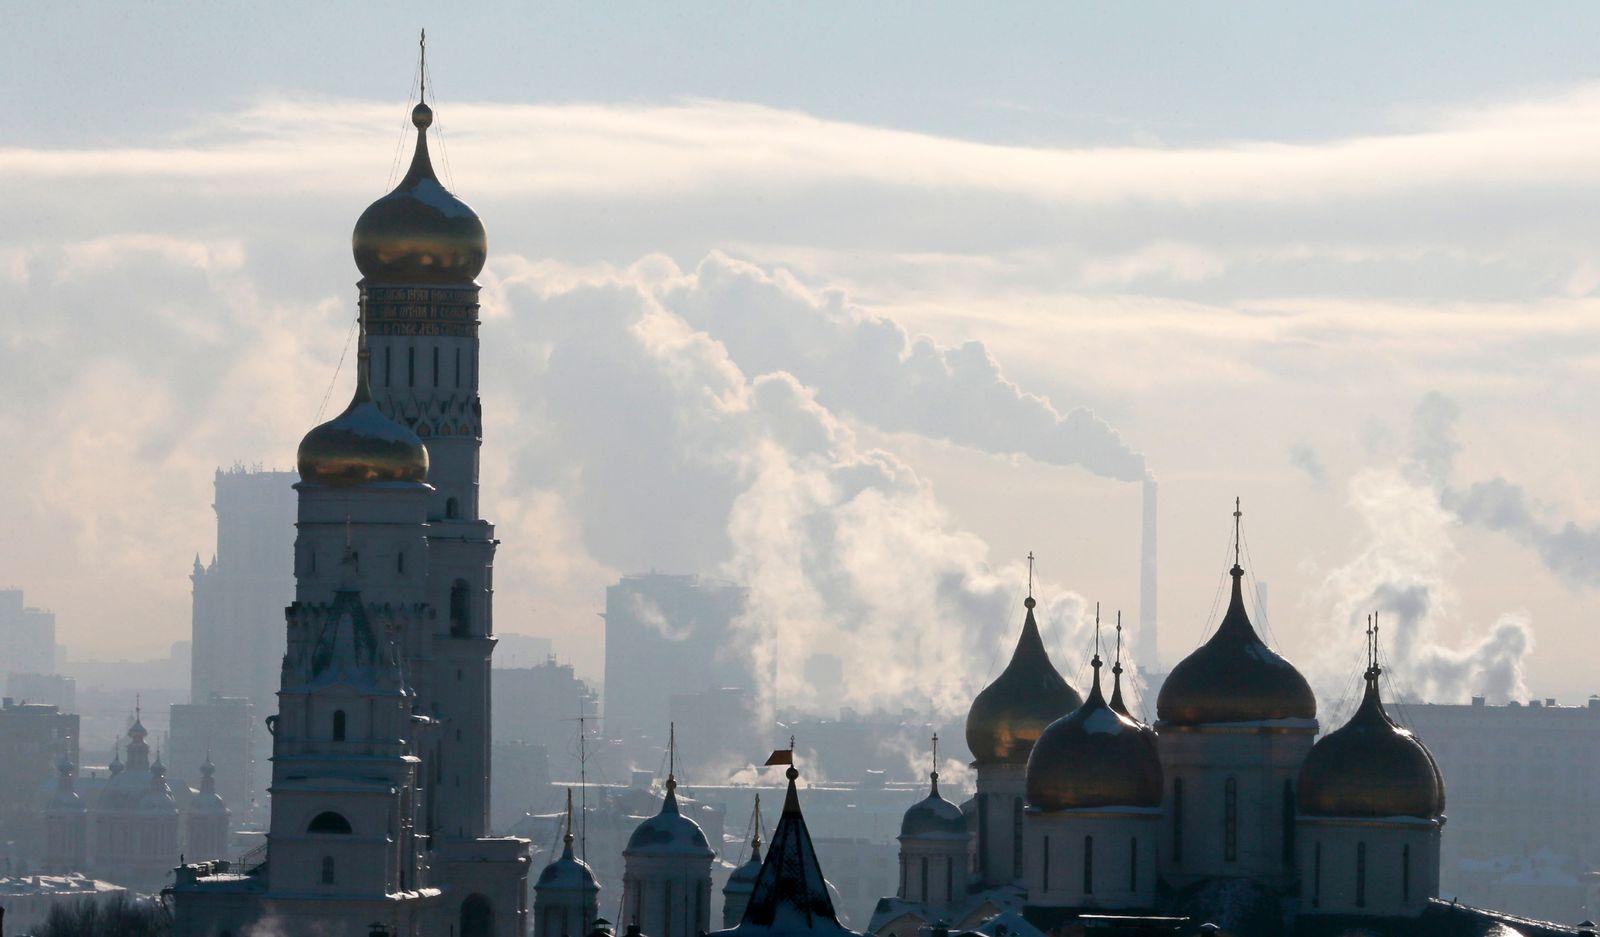 Russland / Wolken / Wirtschaft / Konjunktur / Moskau